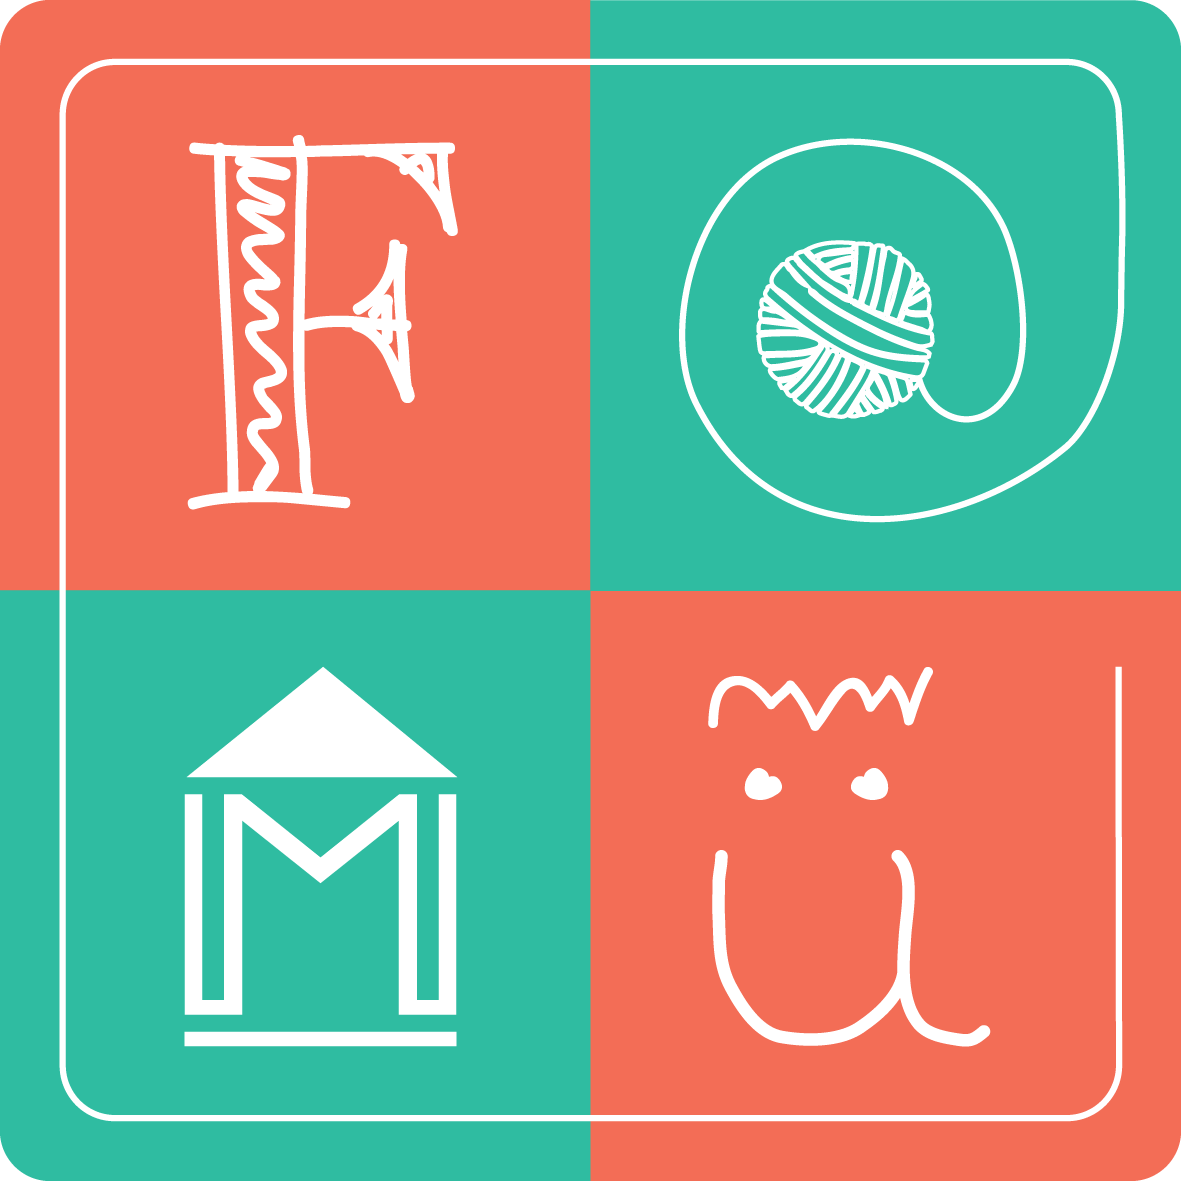 Siamo Molto Contente Di Mostrarvi Il Logo Vincitore Del Concorso Di Idee Logo Famu 2014 Ideatrice E Disegnatrice Del Nuovo Logo E Famu Messenger Logo Logos